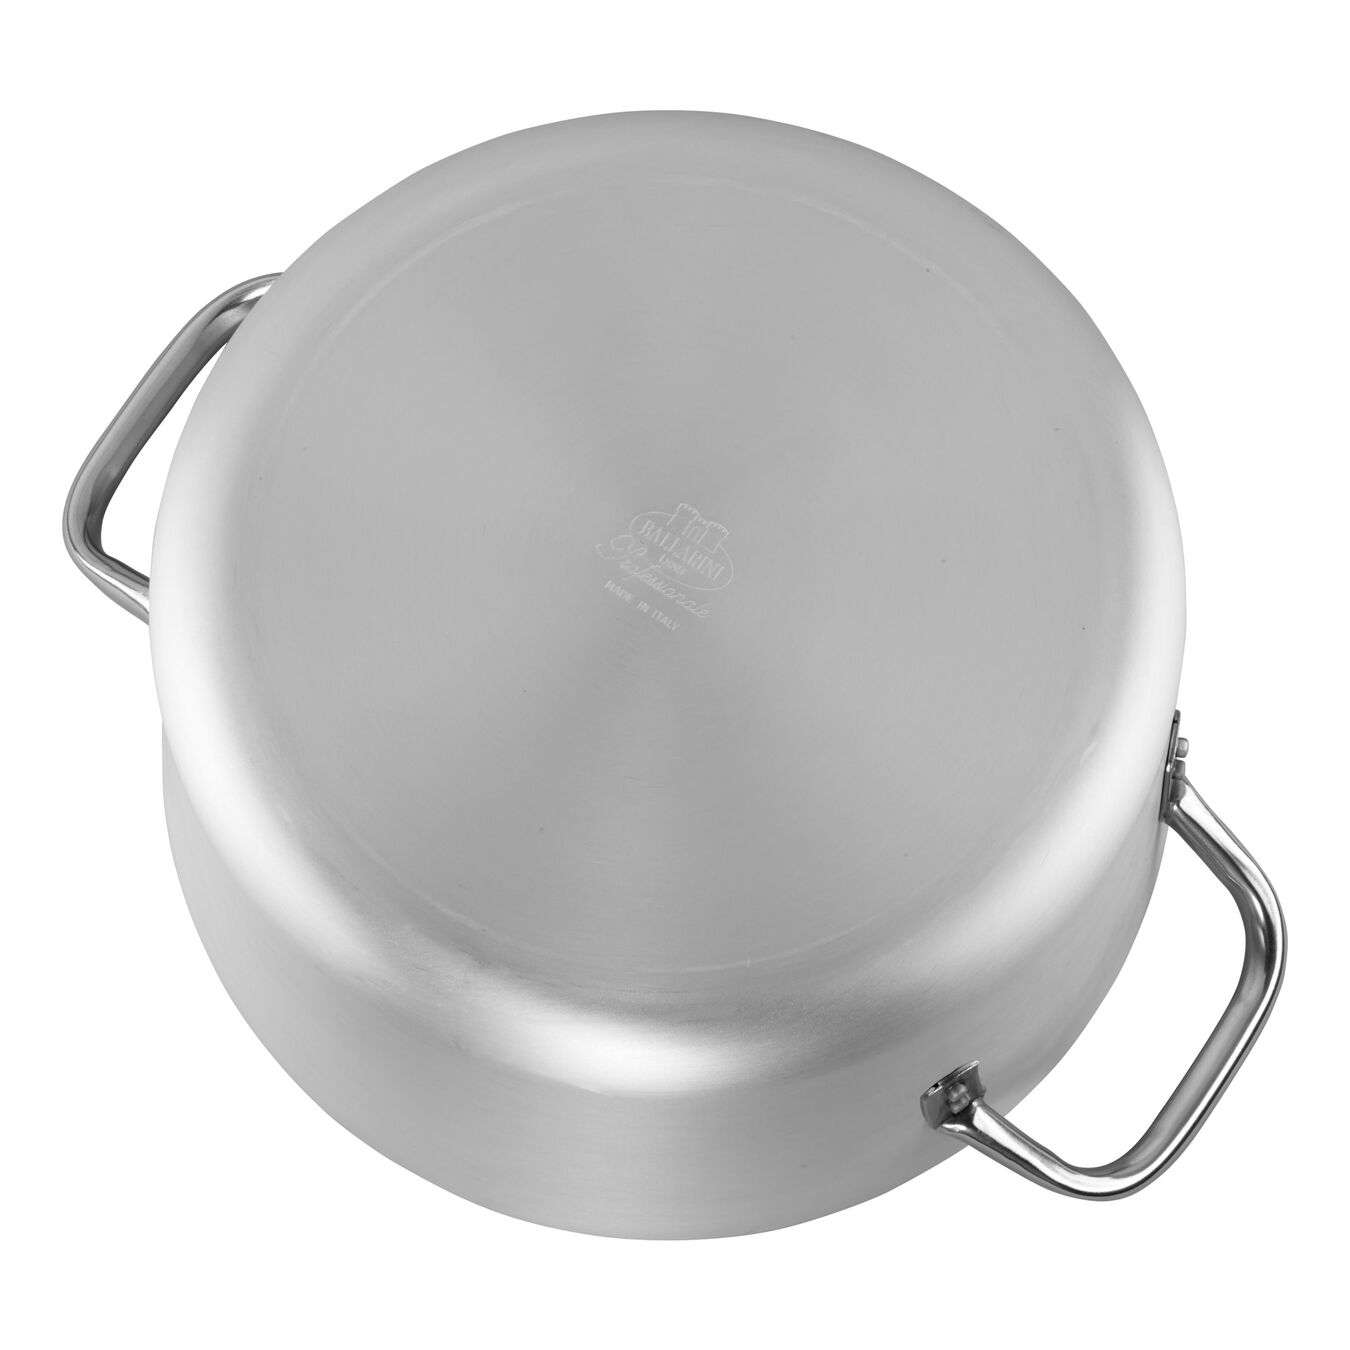 21.25 qt Sauce pan, aluminium ,,large 3